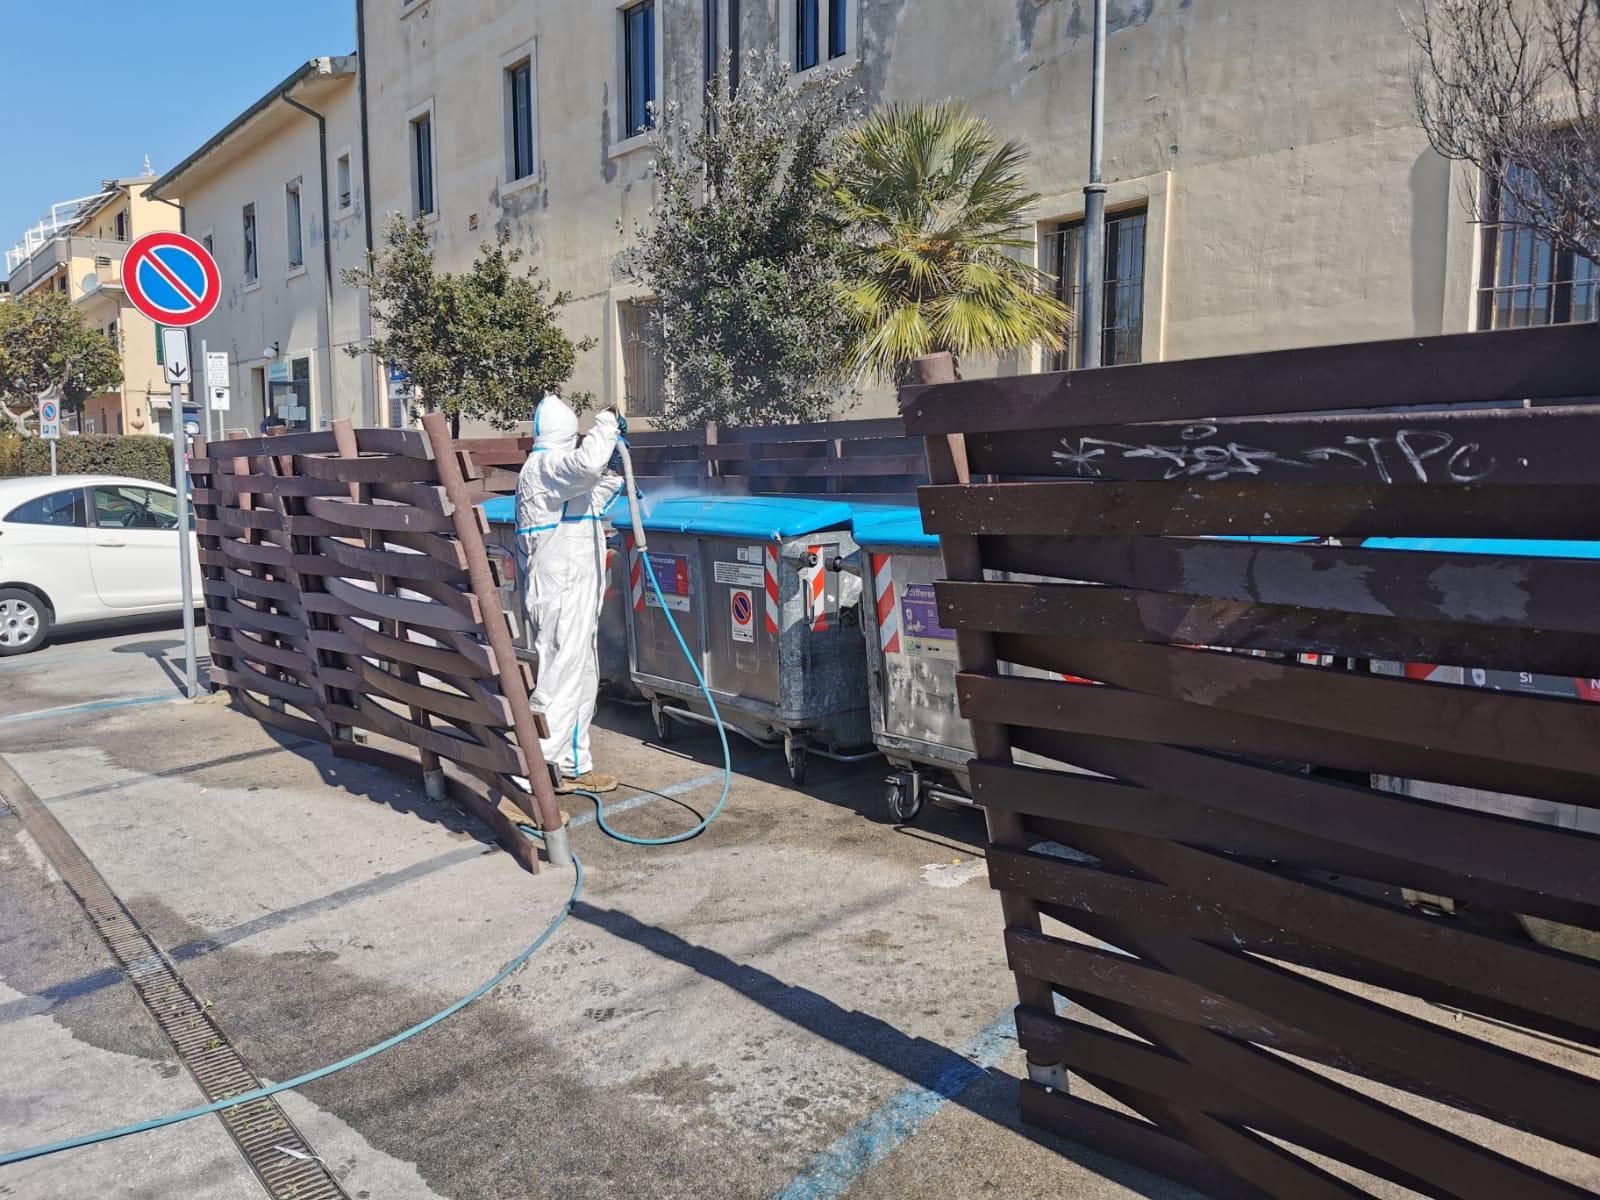 Le operazioni di sanificazione e igienizzazione a Castiglione della Pescaia